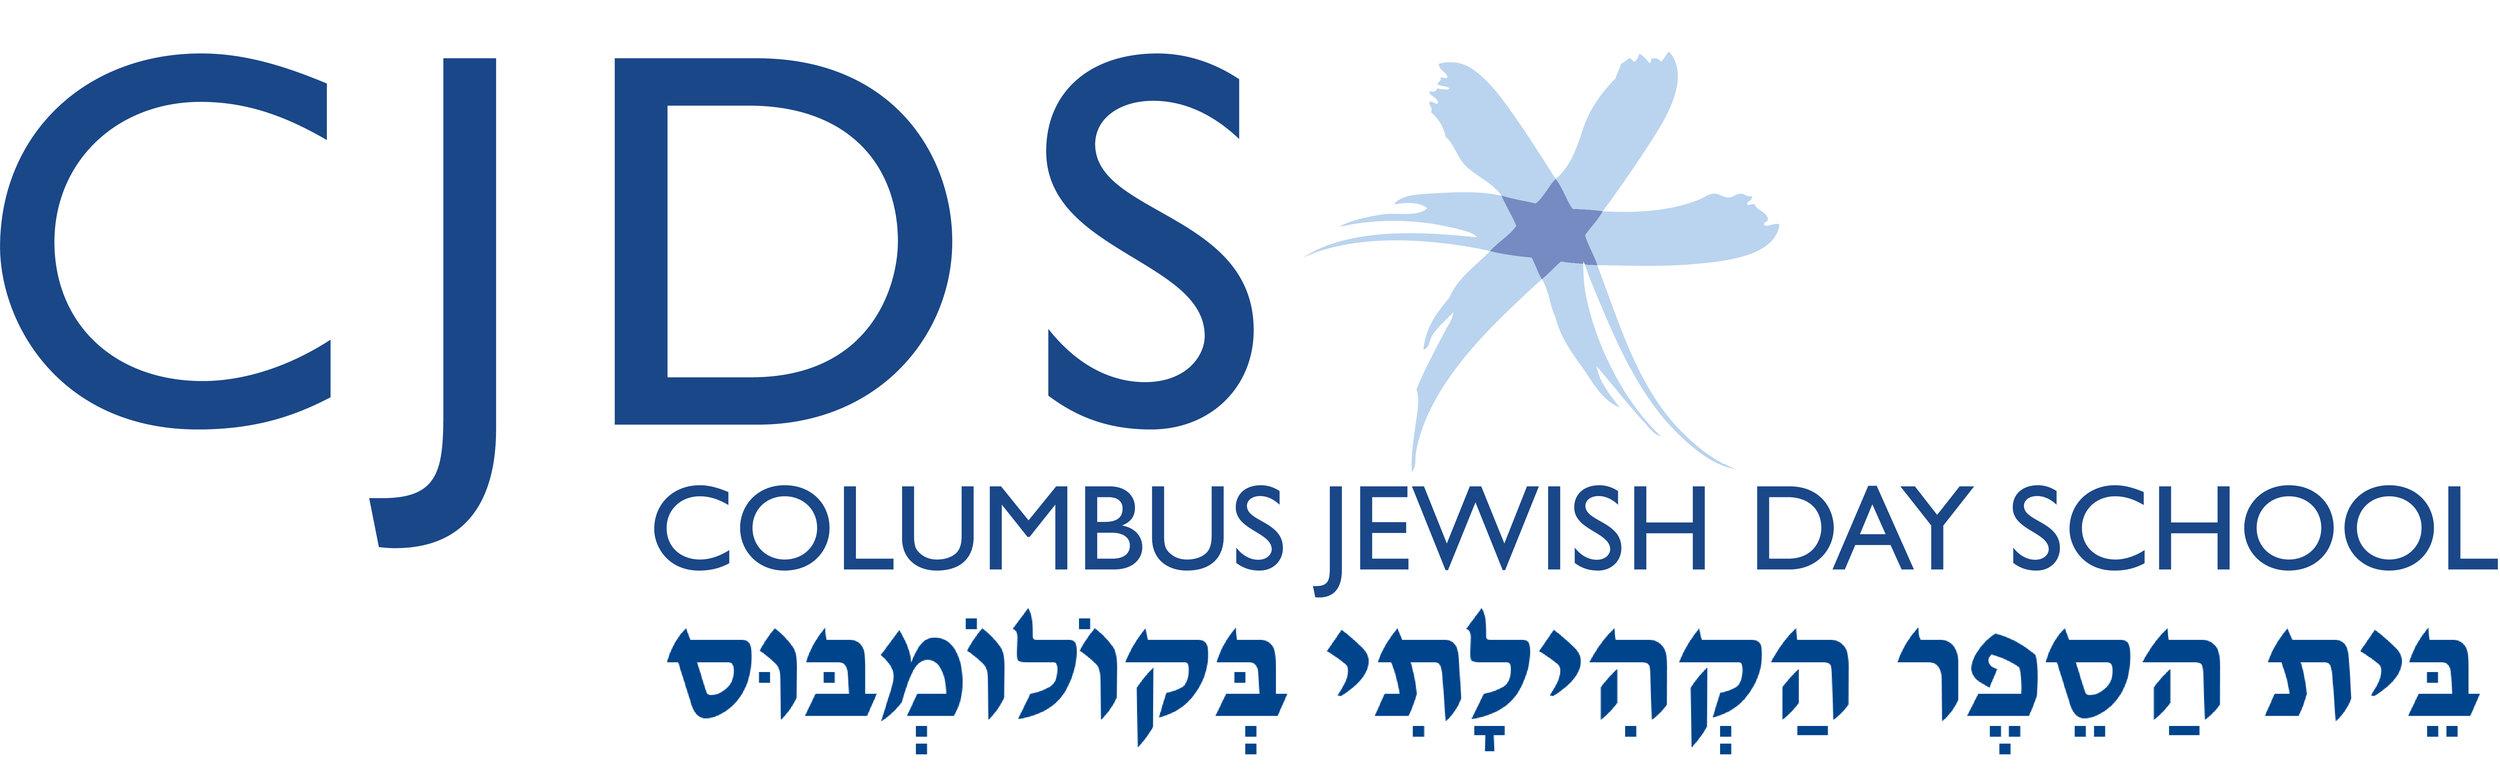 CJDS_logo_WITH HEBREW_no_tagline.jpg